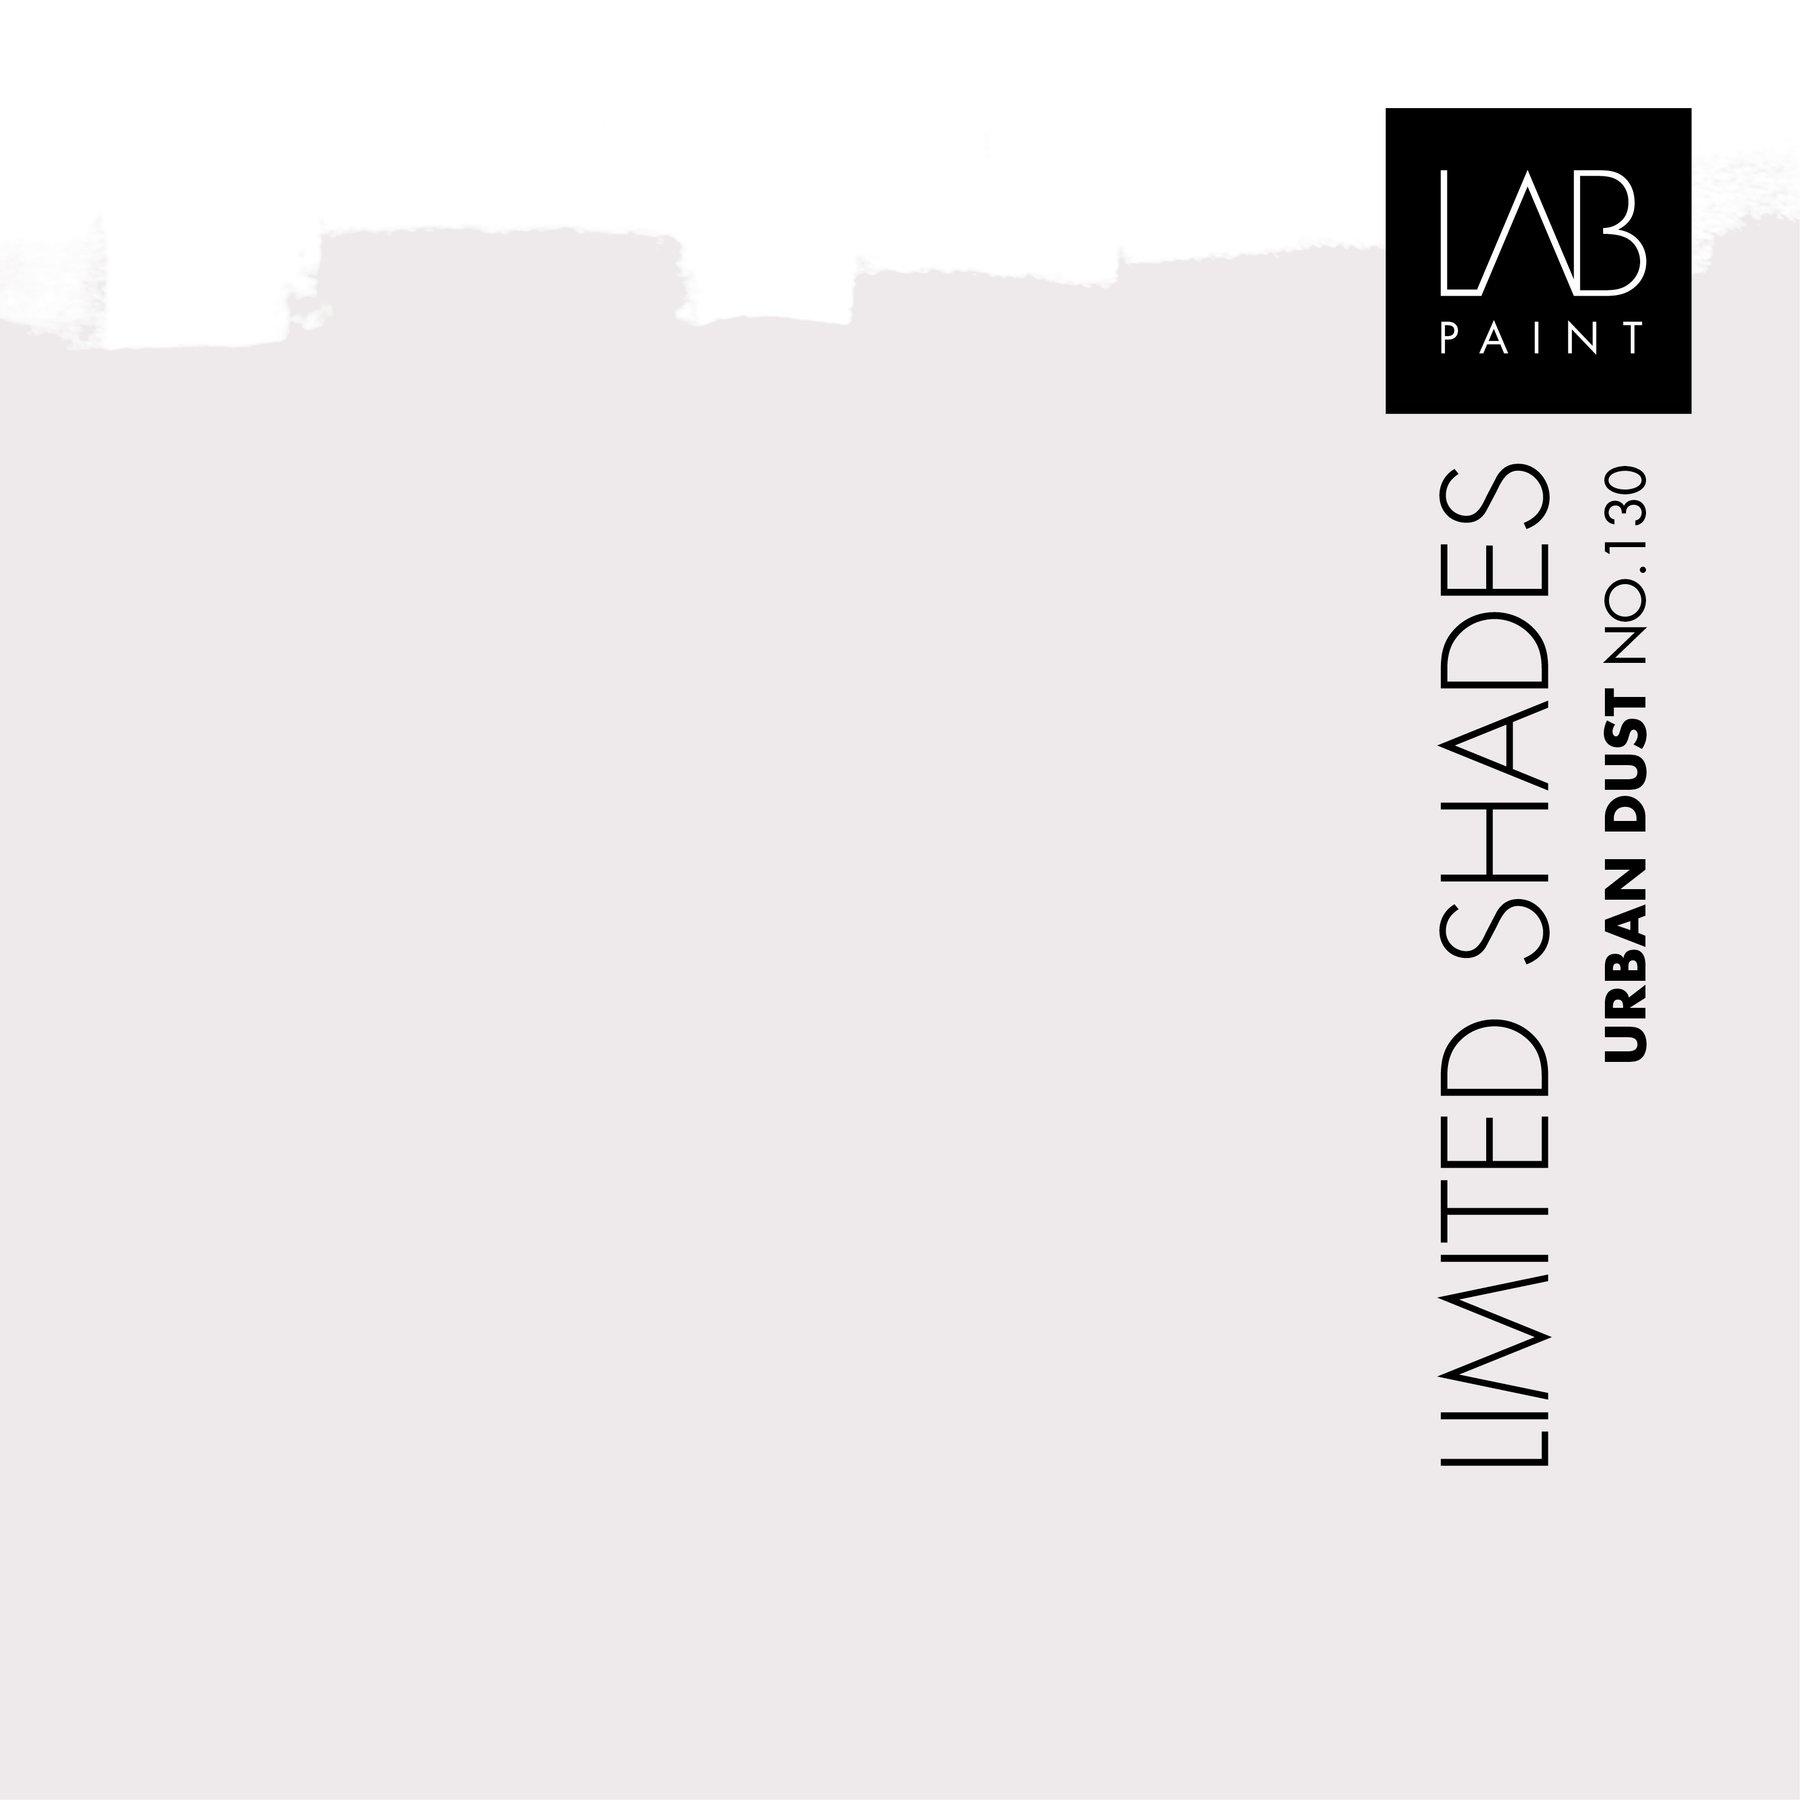 LAB_Kleuren_WEB_LIMITED_SHADES_Urban_Dus